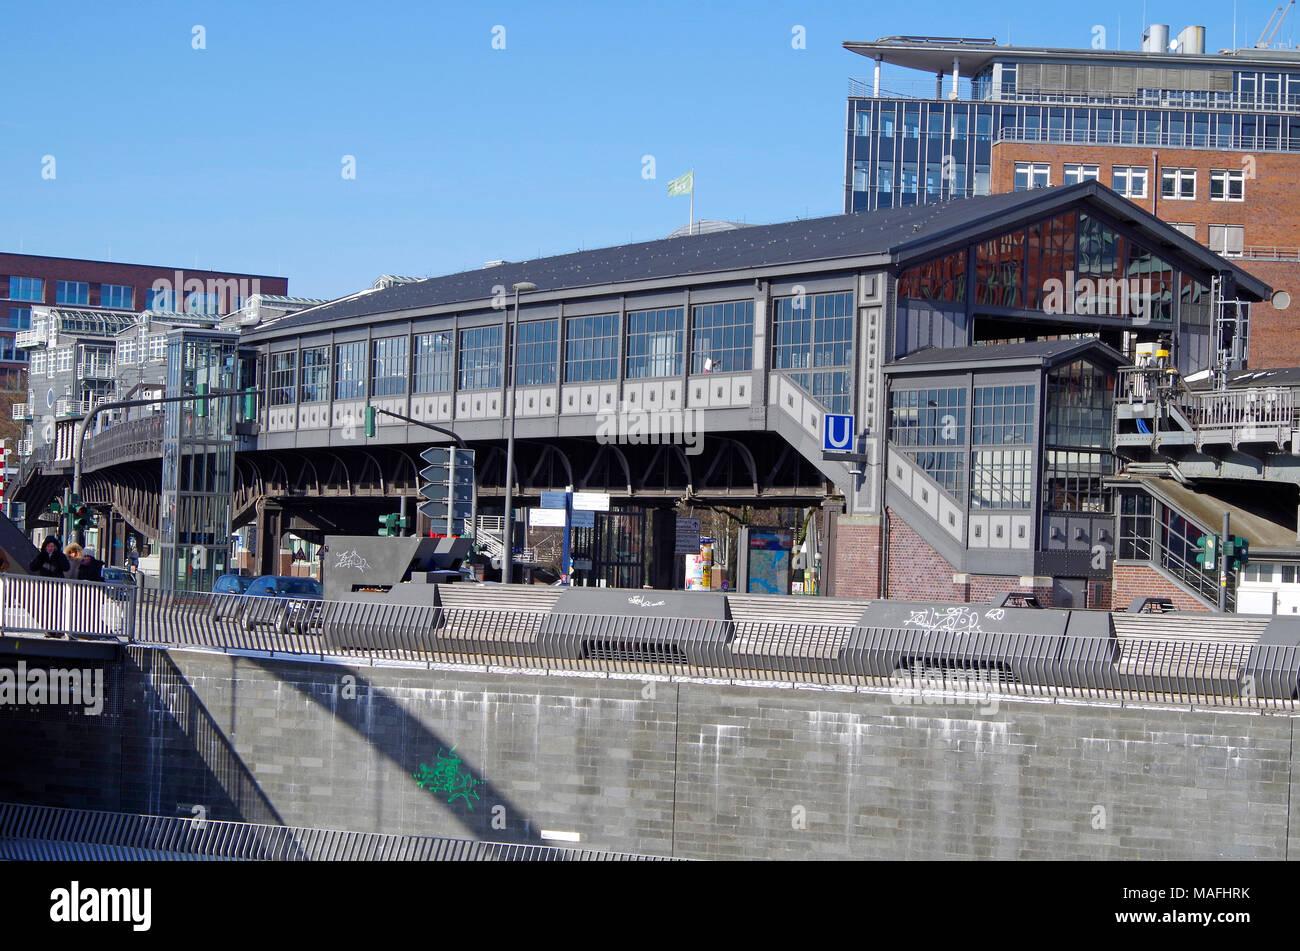 La station de métro Baumwall élevé, maintenant rebaptisé Baumwall (Elbphilharmonie), sur la ligne 3 du métro (U-Bahn) de Hambourg. Photo Stock